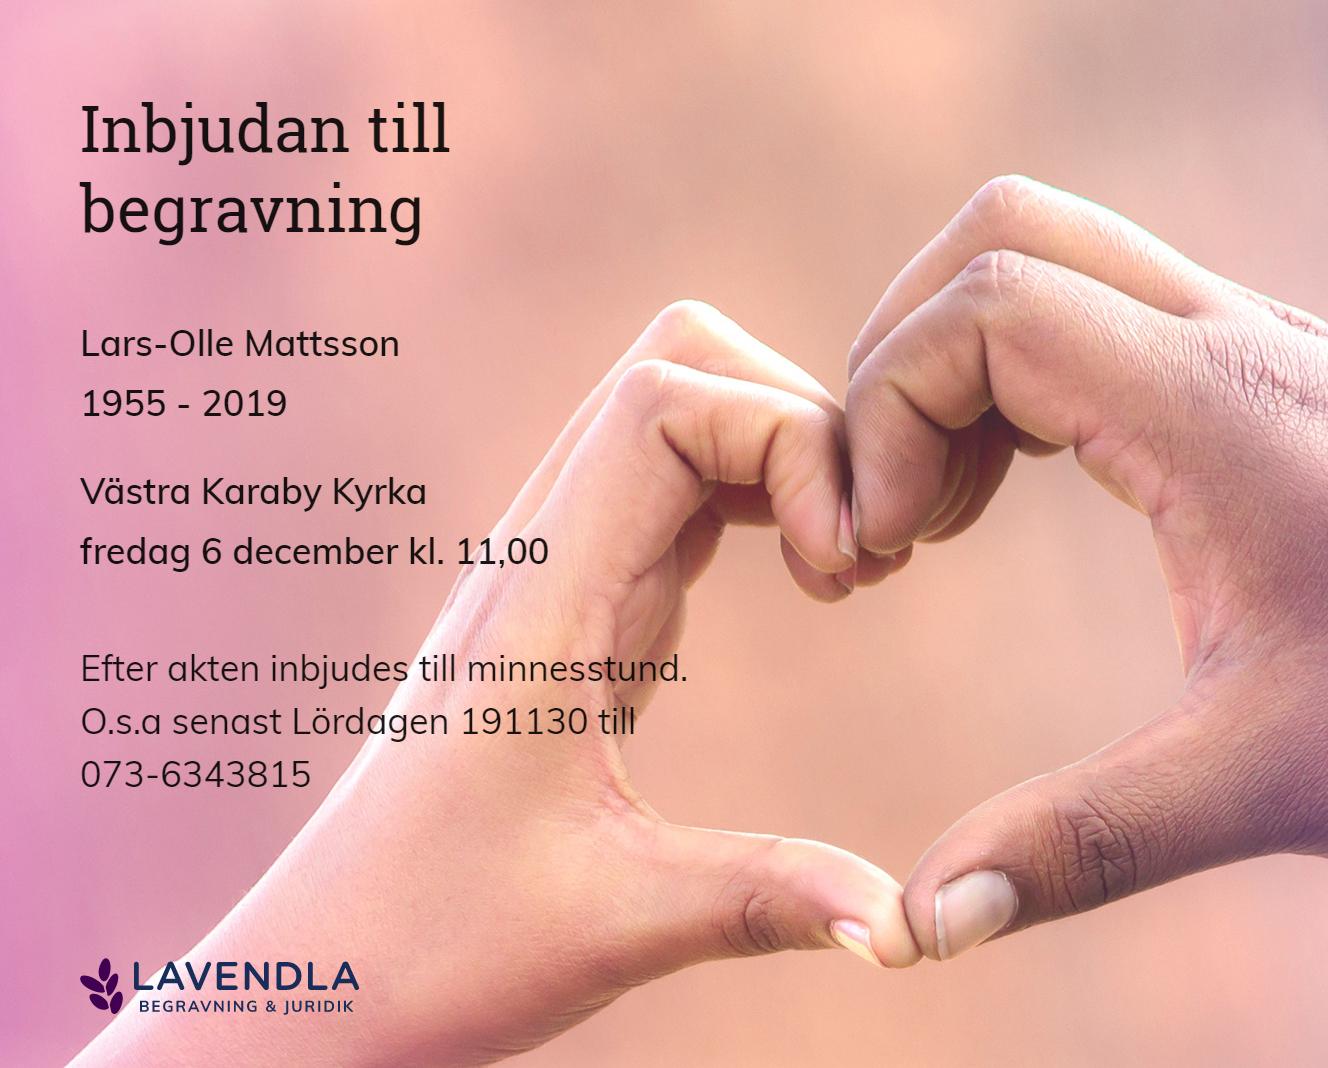 Inbjudningskort till ceremonin för Lars-Olle Mattsson